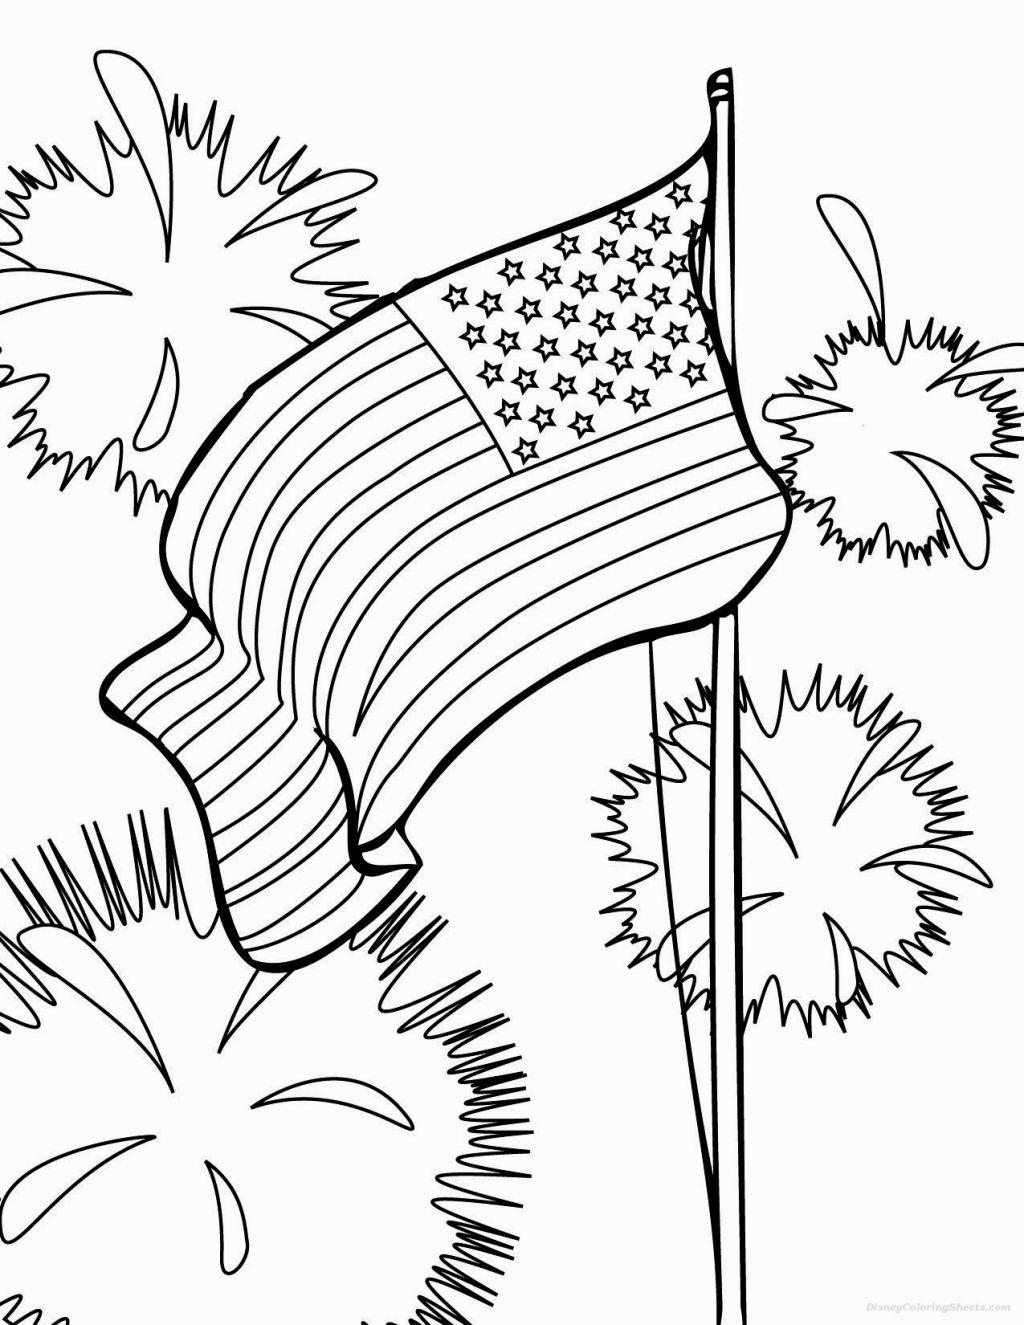 Erfreut Malvorlagen Der Amerikanischen Flagge Fotos - Beispiel ...